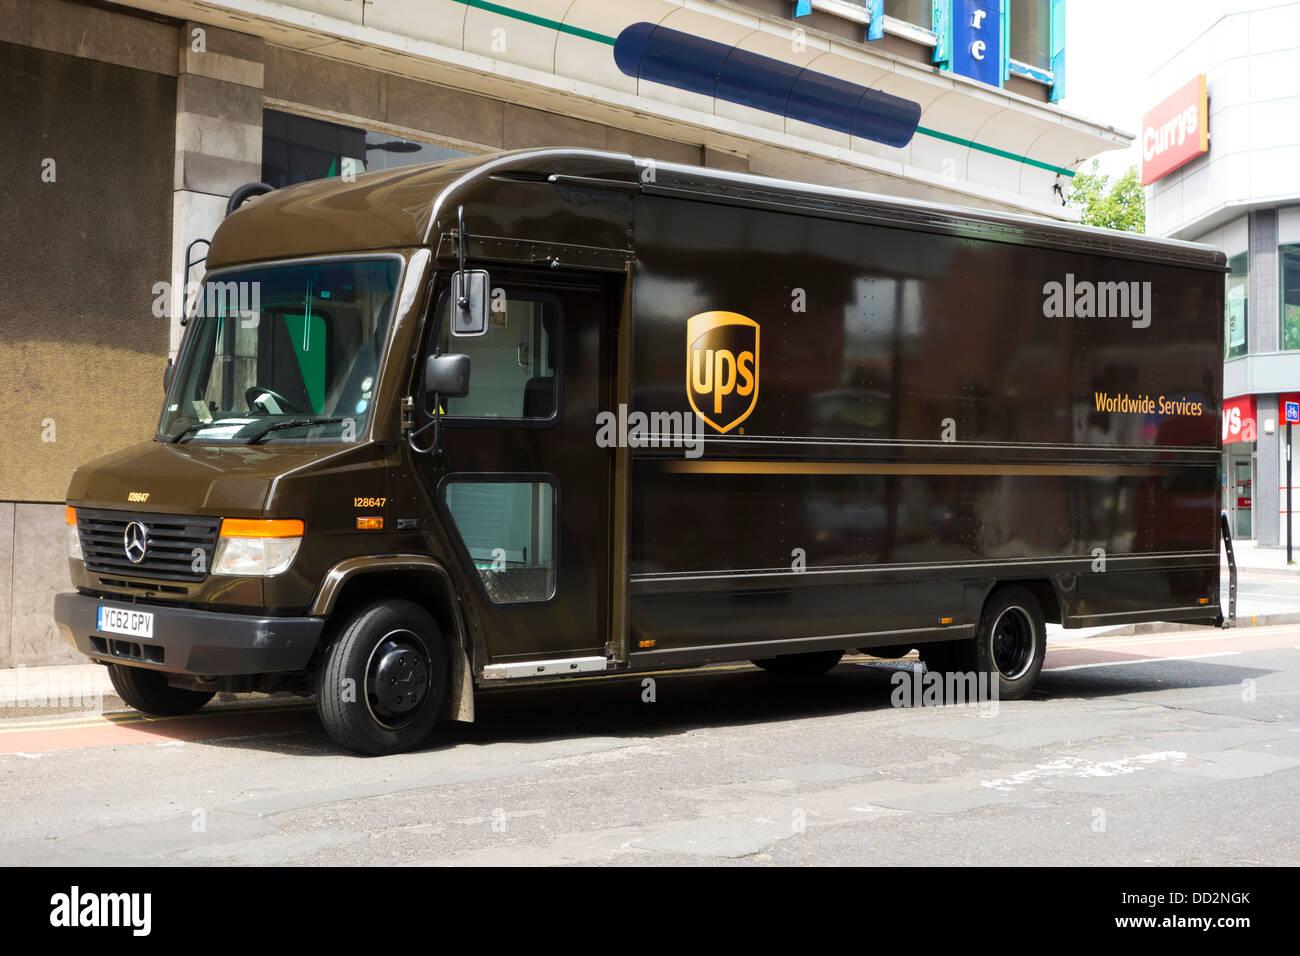 Un UPS furgone per consegne nel Regno Unito Immagini Stock